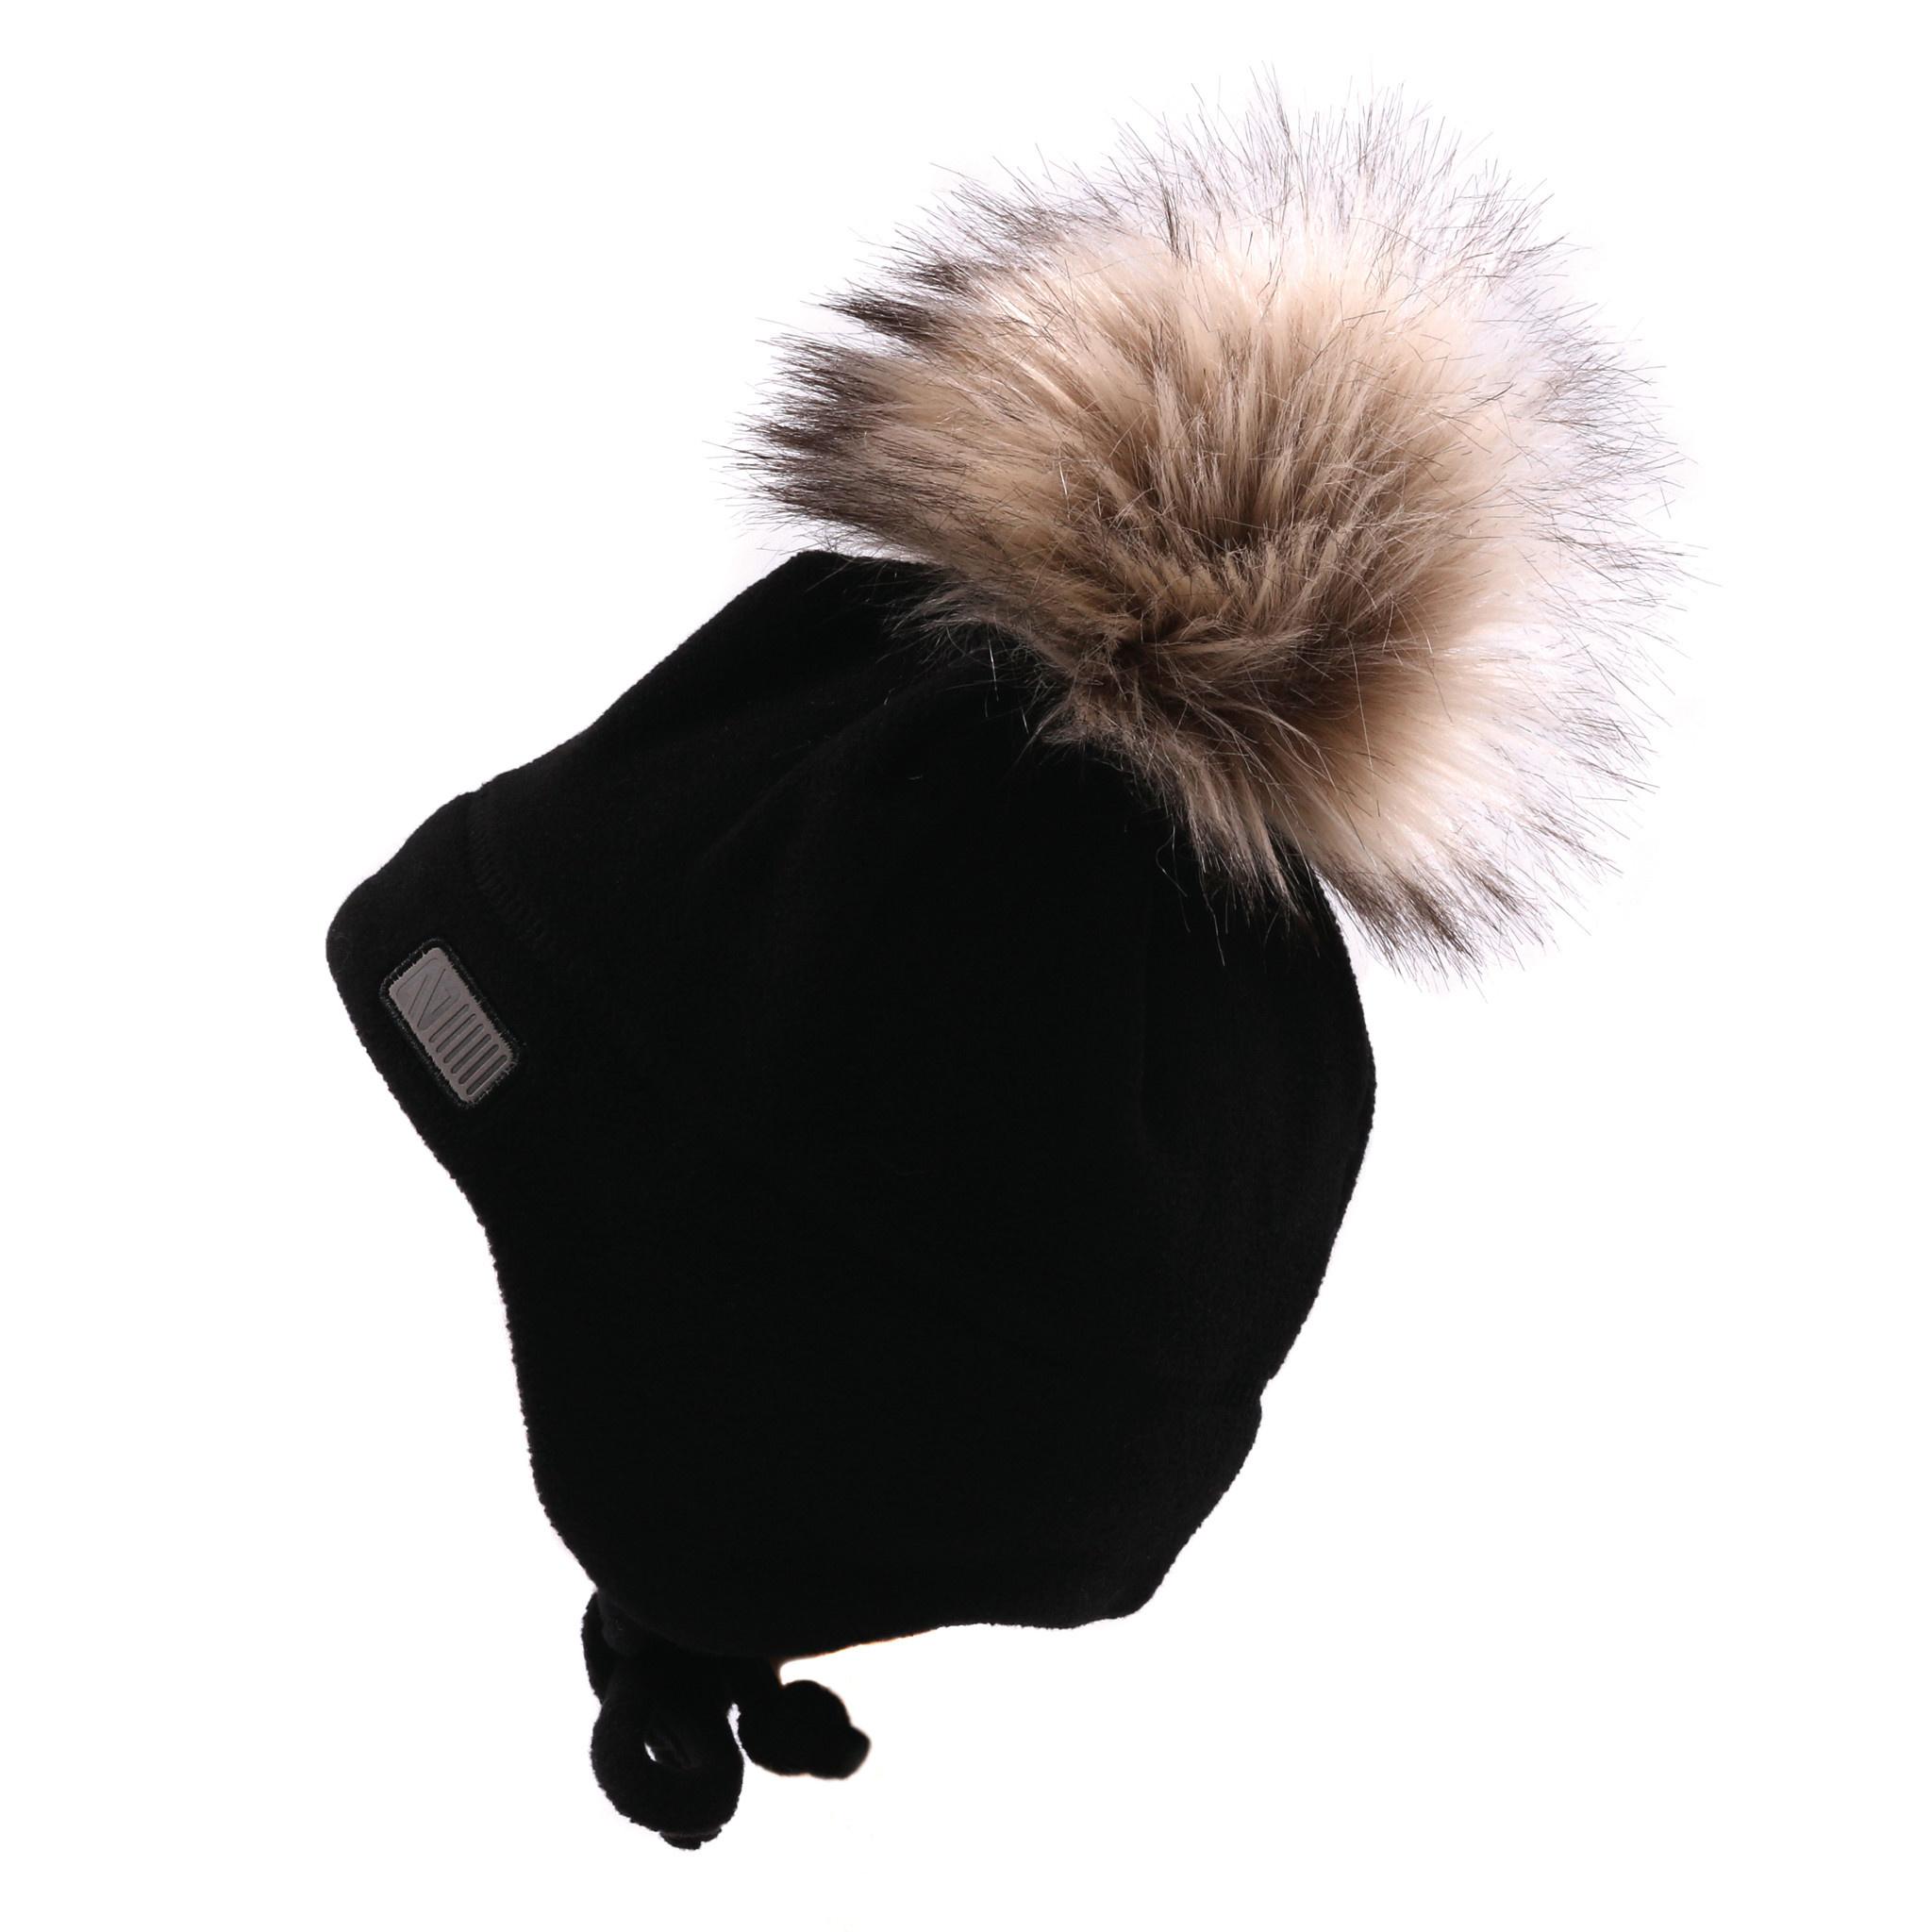 Tuque Pompon bébé en polar avec oreilles Noire-2